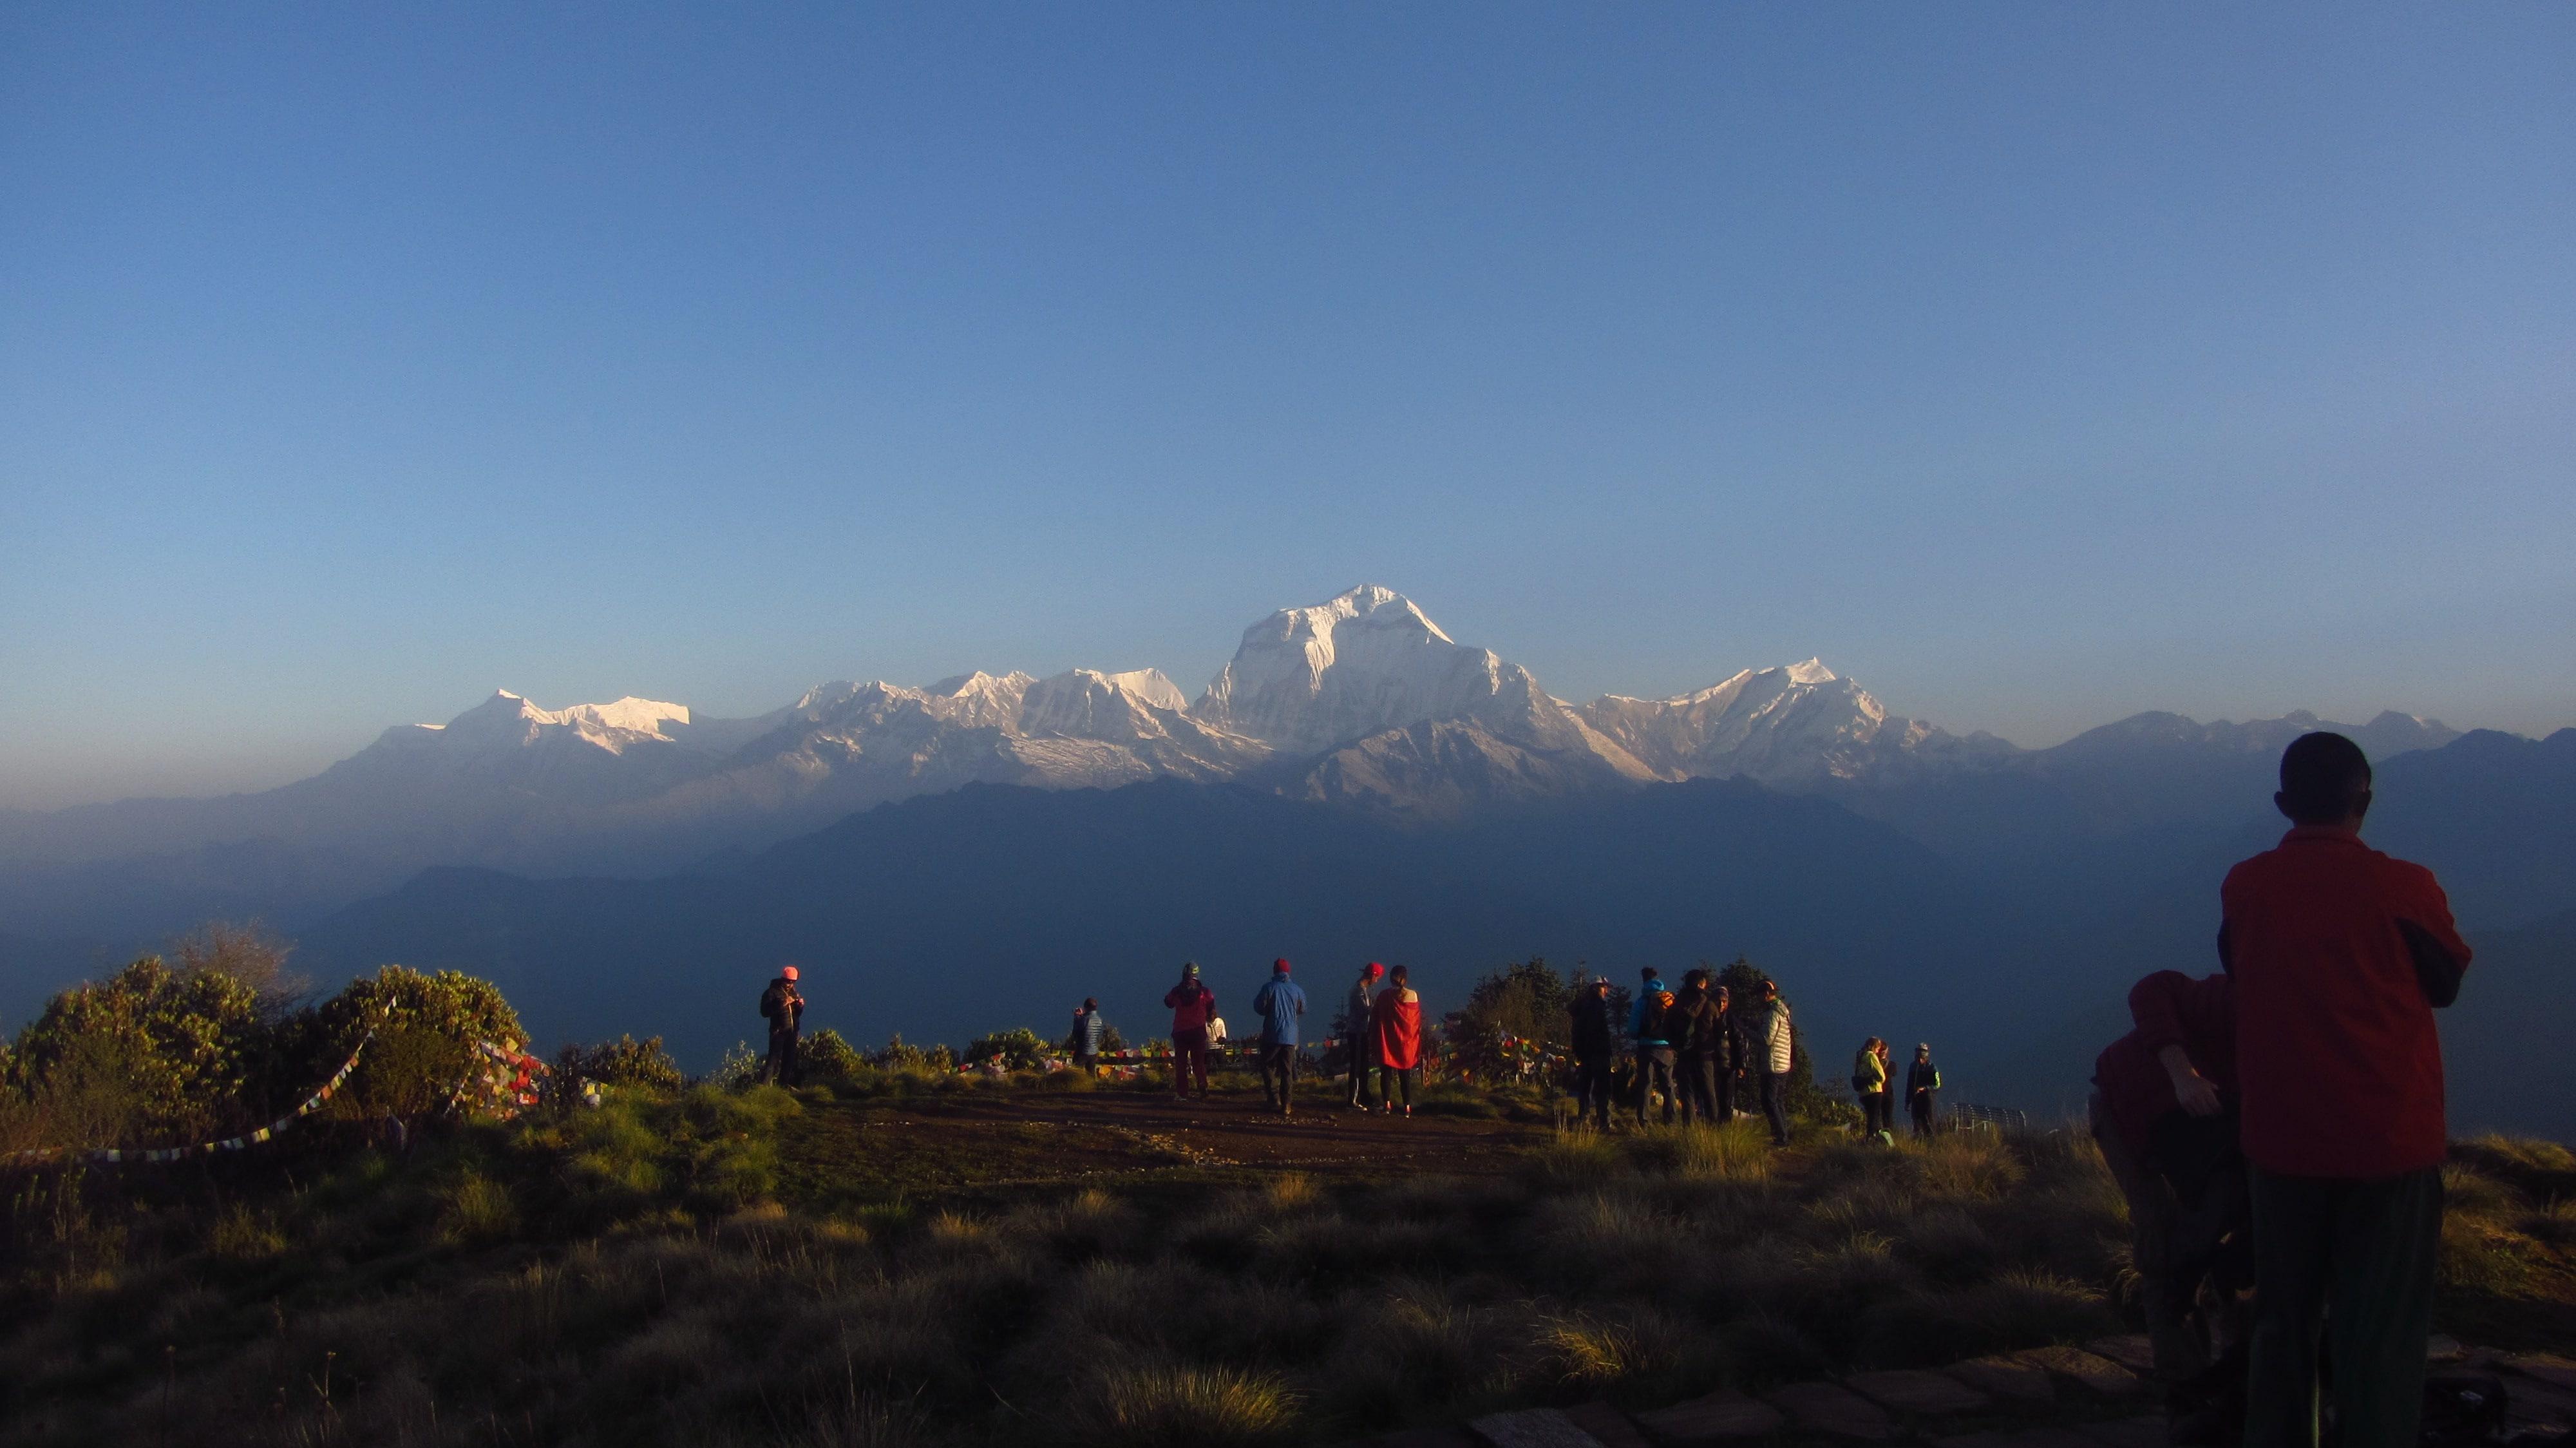 Annapurna sunrise trek- Sunrise View from Ghorepani Poon Hill (3210 m)